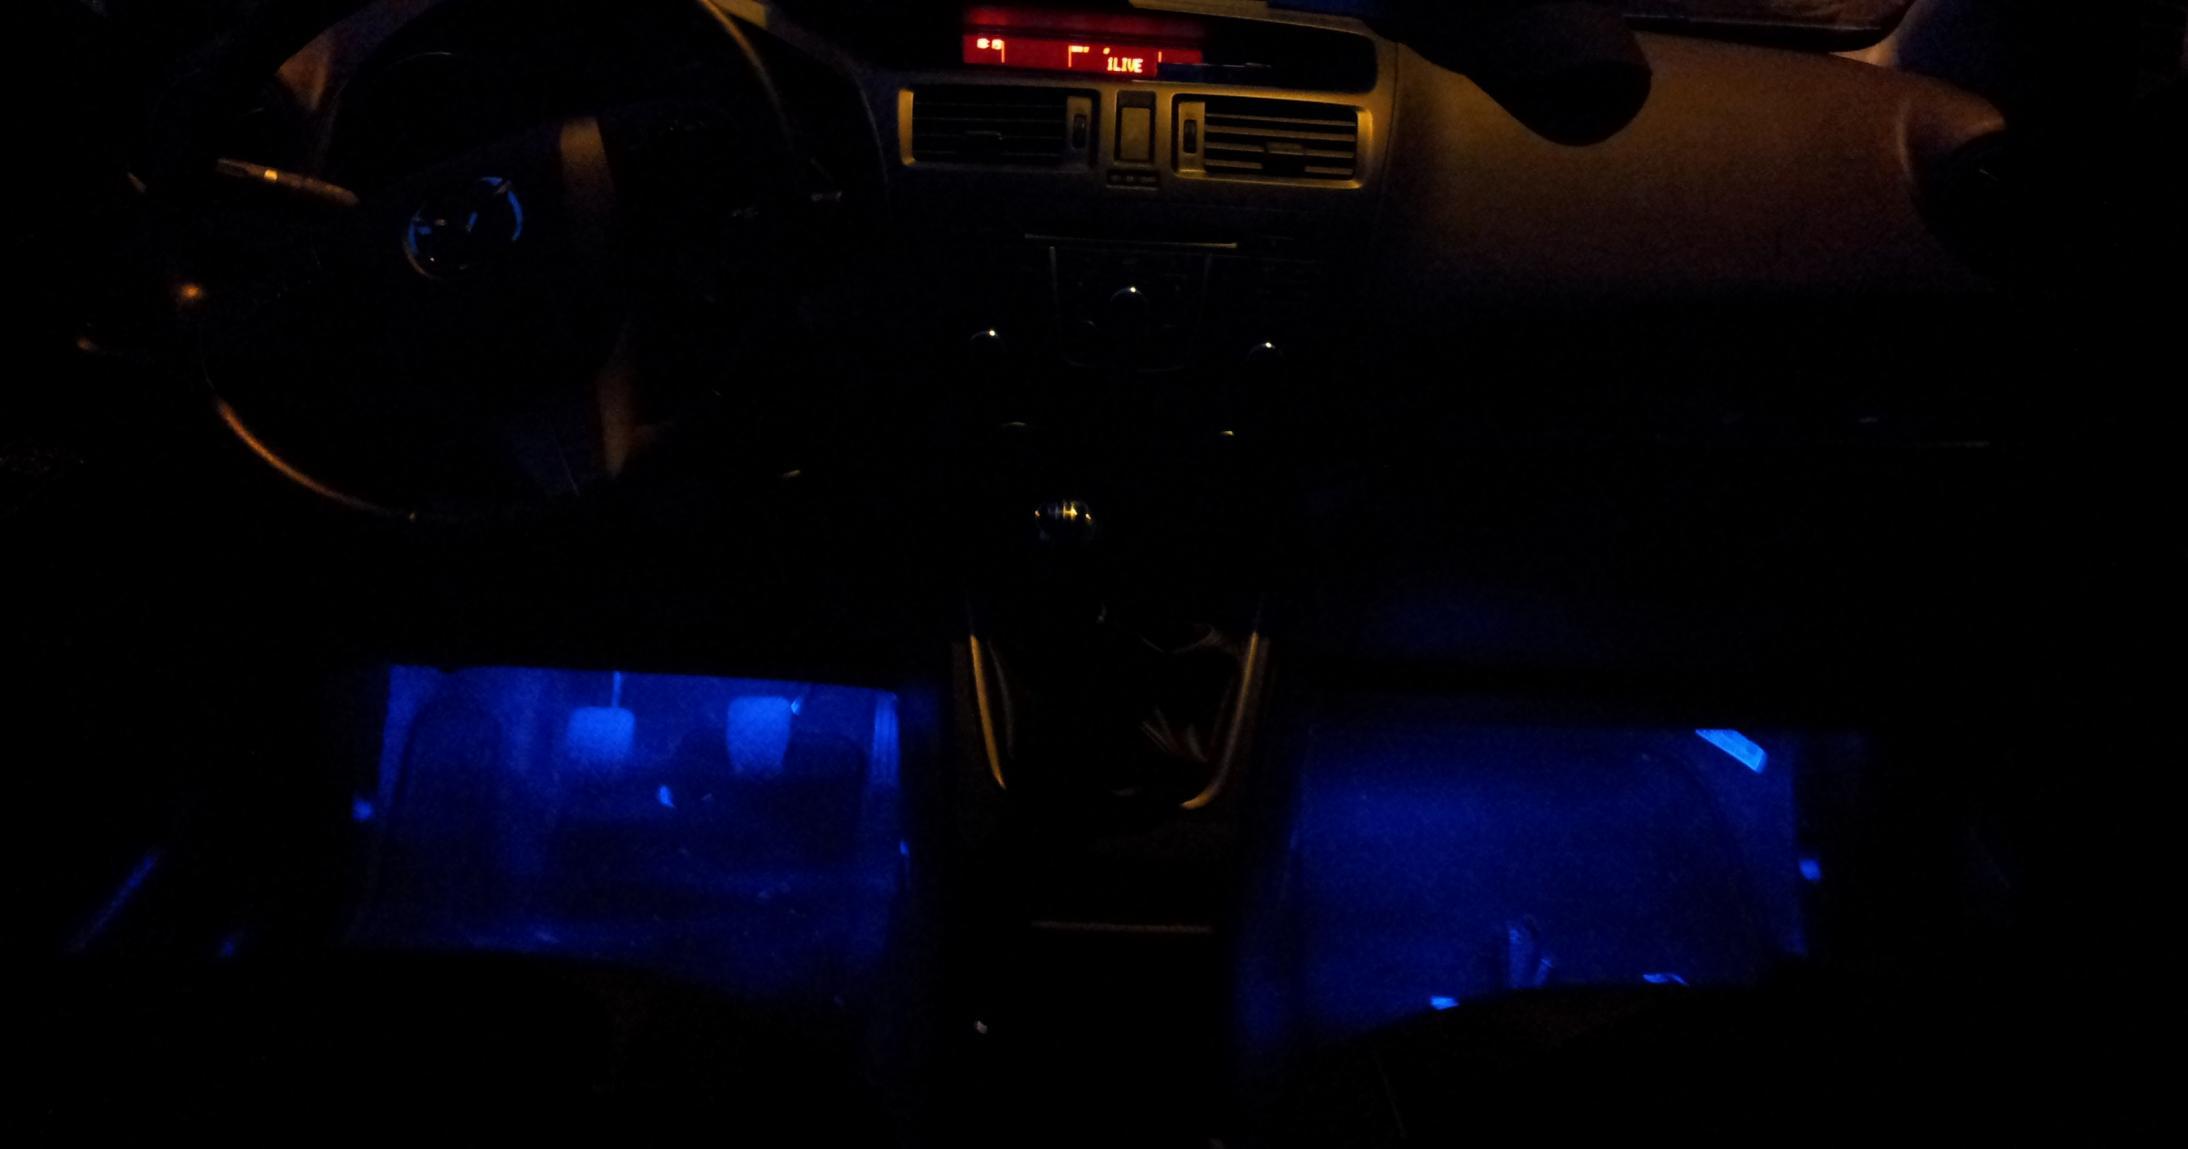 Mazda5 (CW) - Zündungsplus oder Beleuchtungsplus aus dem ...